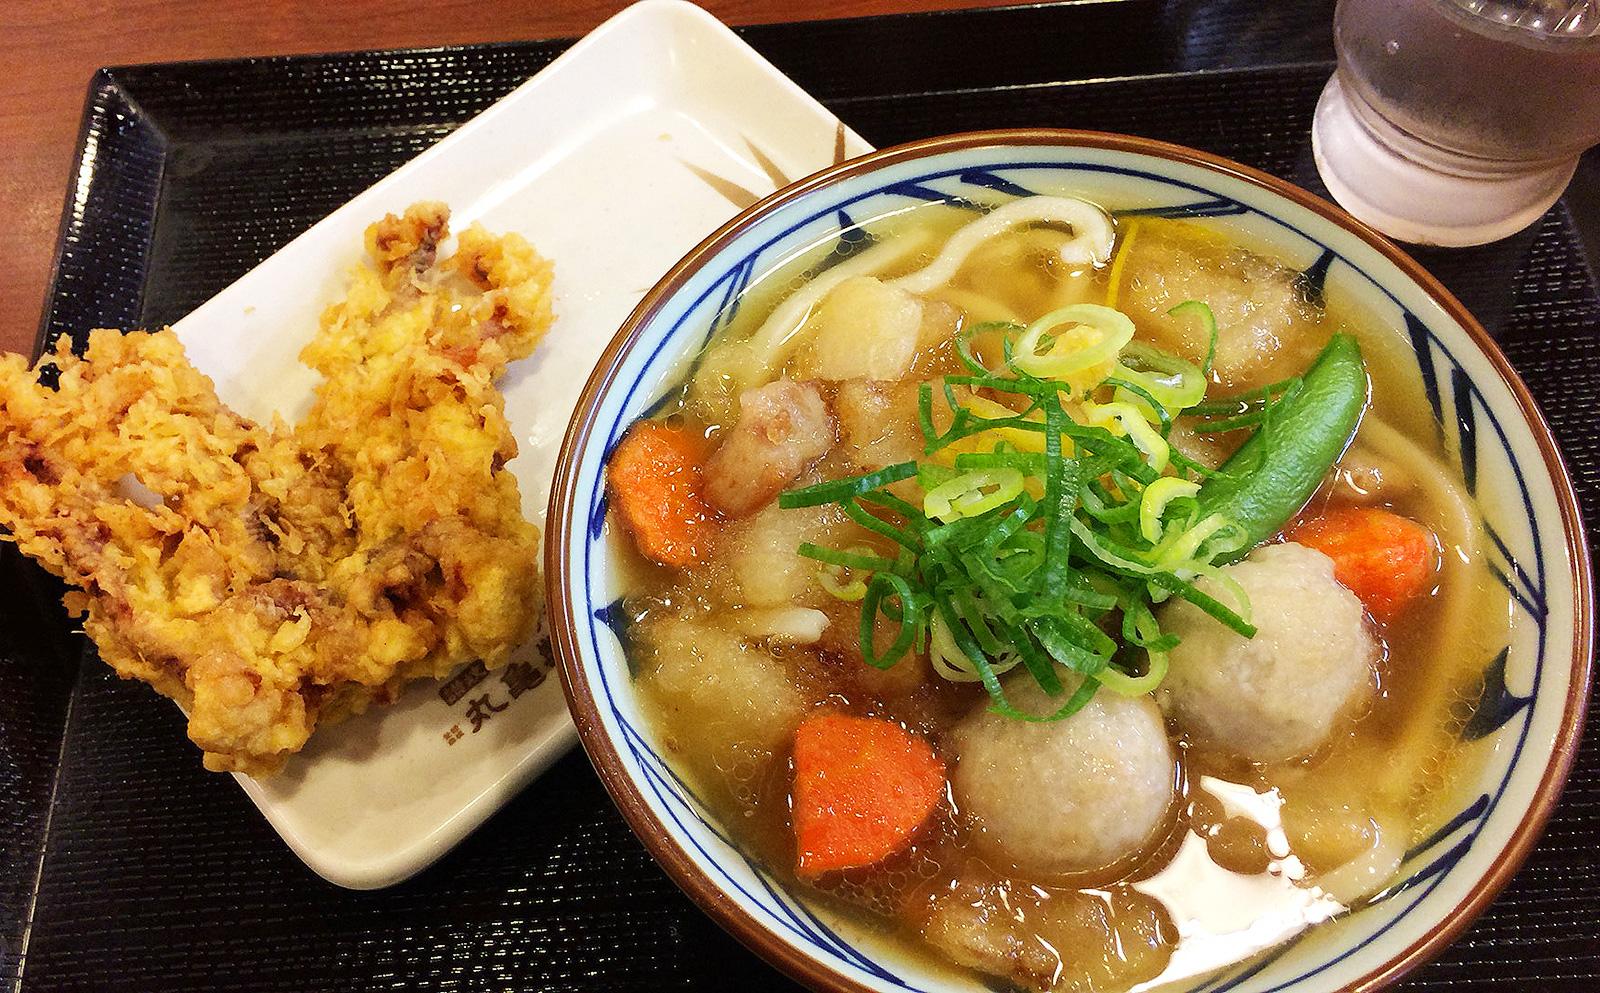 「 丸亀製麺 北名古屋店」のごろごろ野菜の揚げだしうどんとゲソから @西春